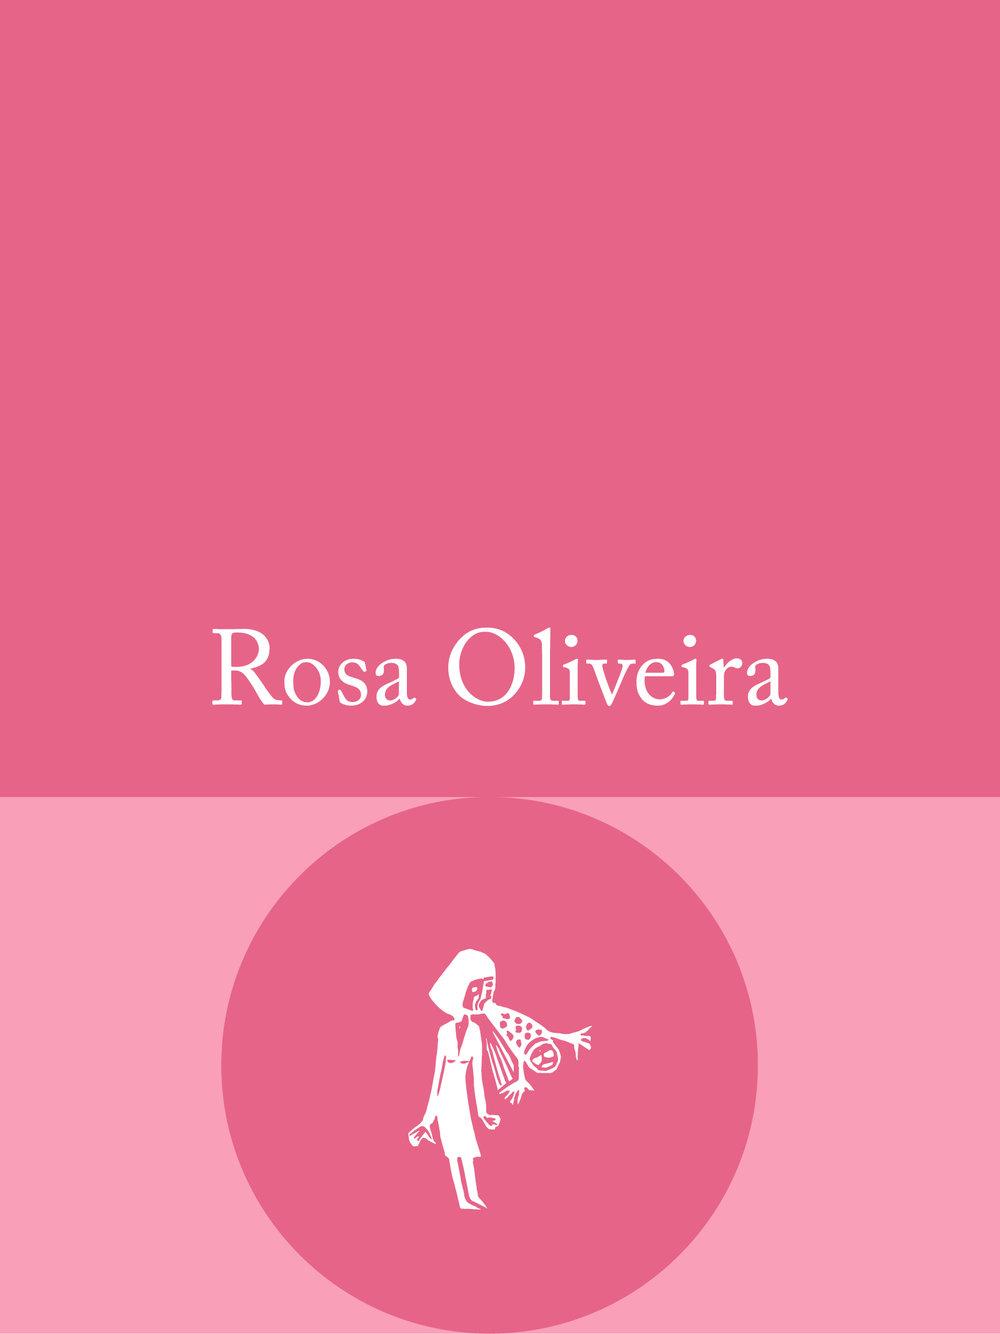 RosaOliveira.jpg